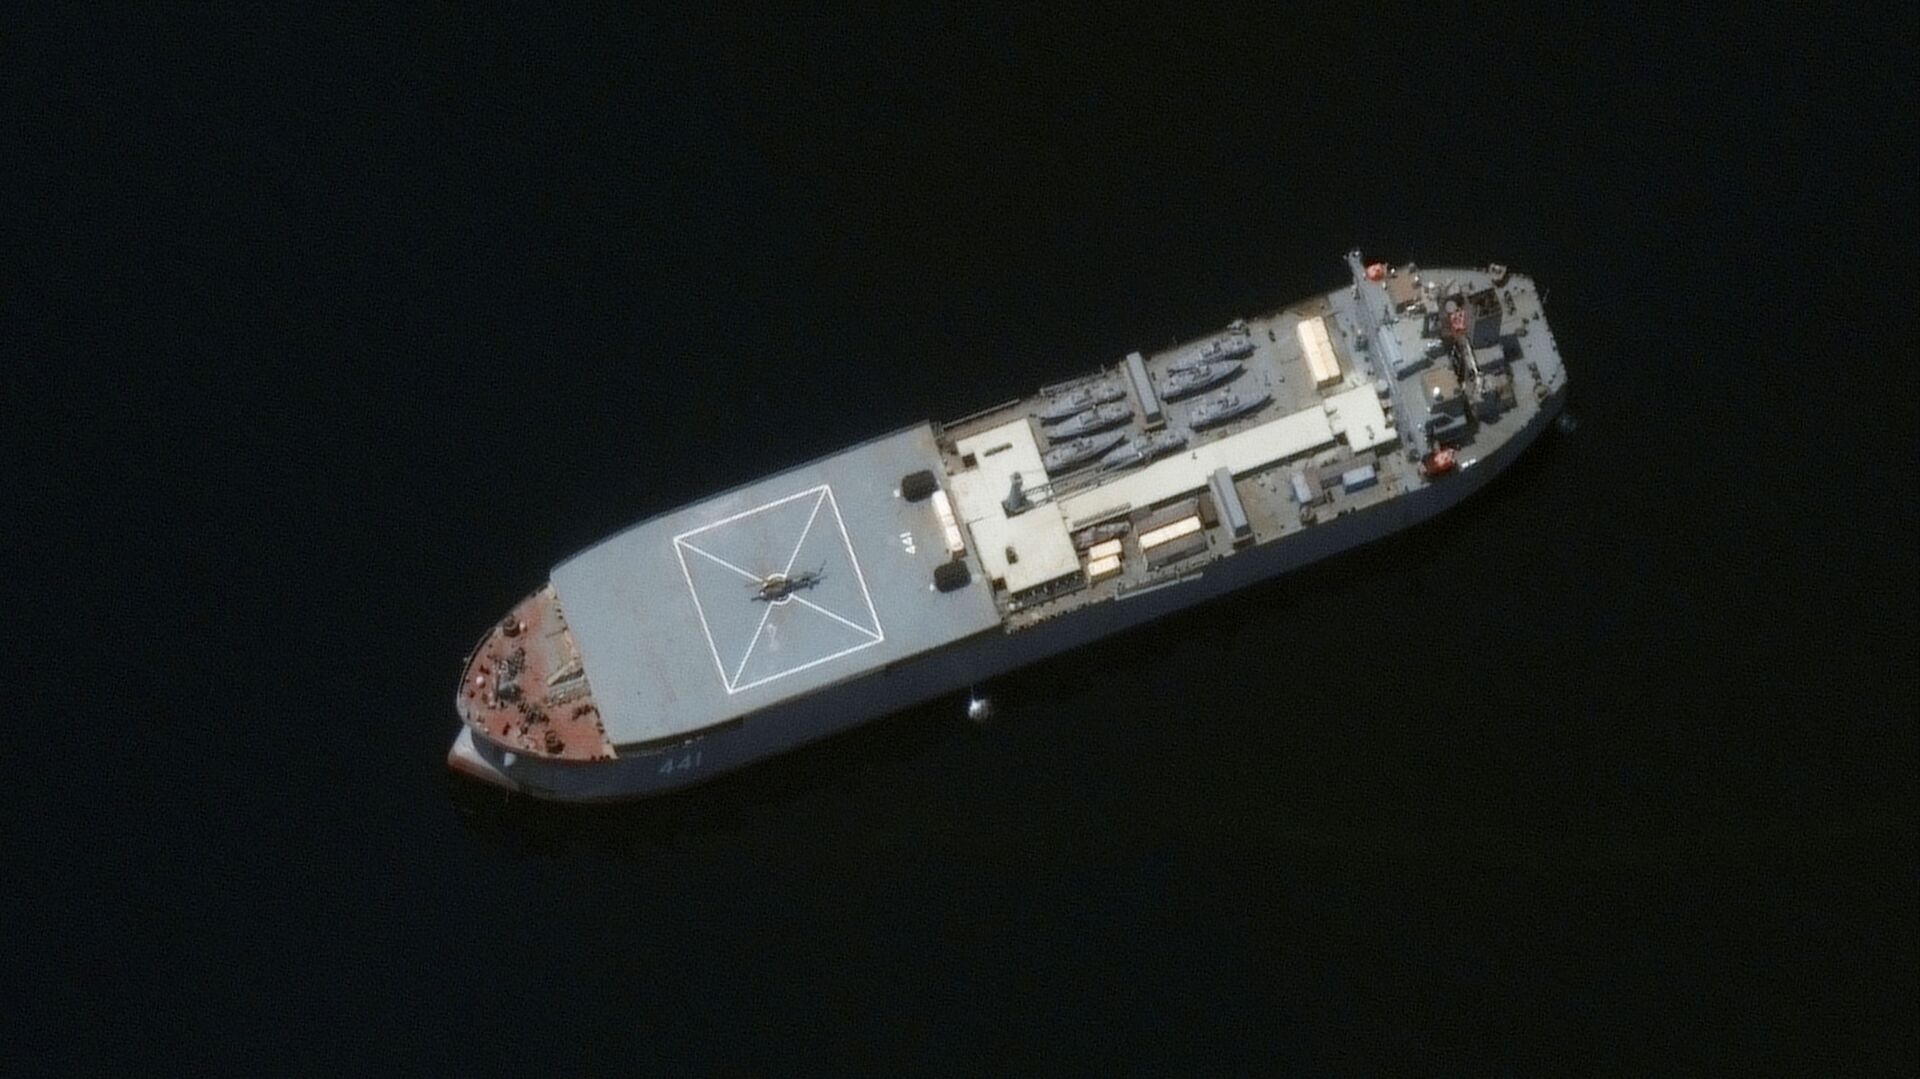 Iranian naval ship, the Makran, is seen near Larak Island, Iran, in this satellite image taken on May 10, 2021 - Sputnik International, 1920, 14.09.2021